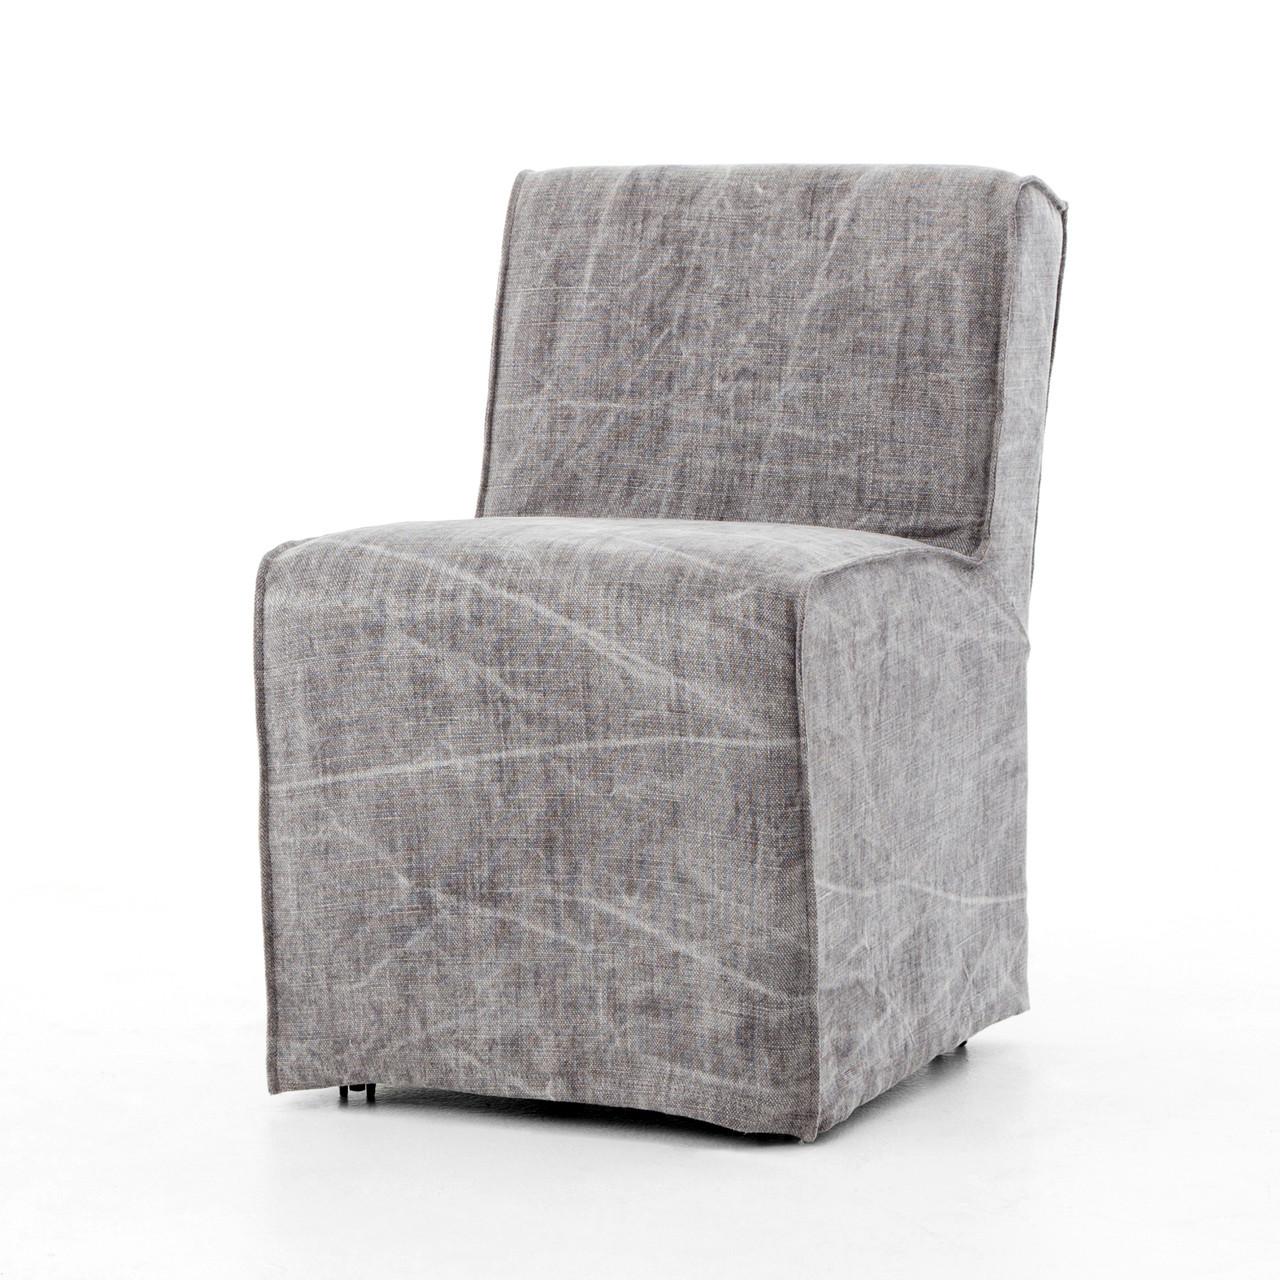 Good Seville French Modern Slipcovered Dining Chair   Jute